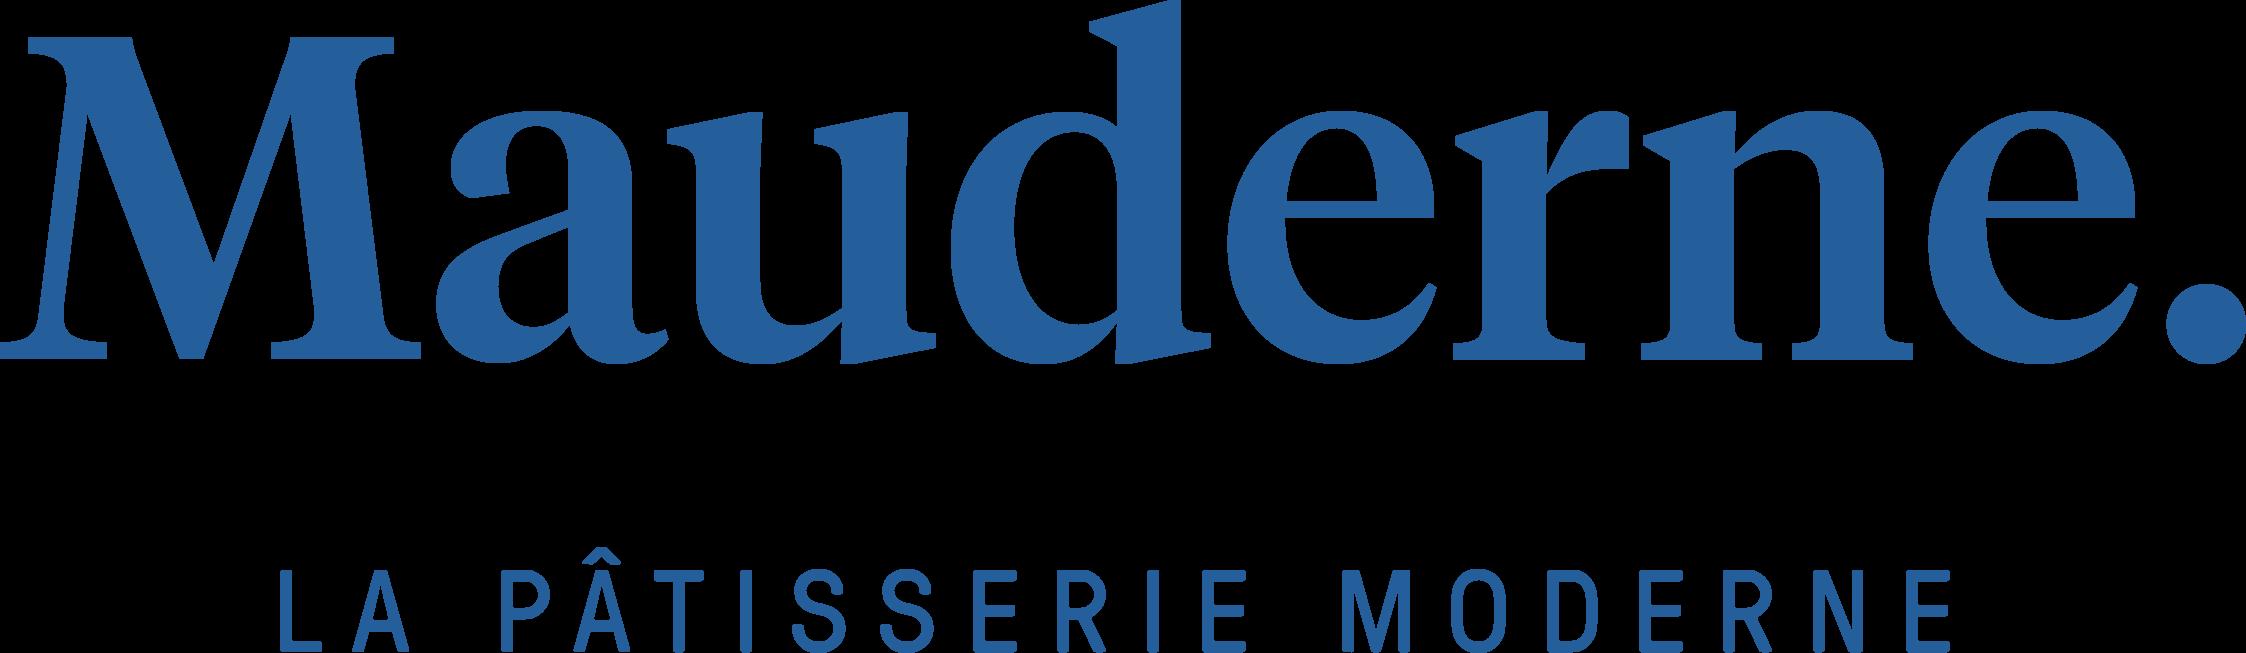 Mauderne_Logo_Blue.png